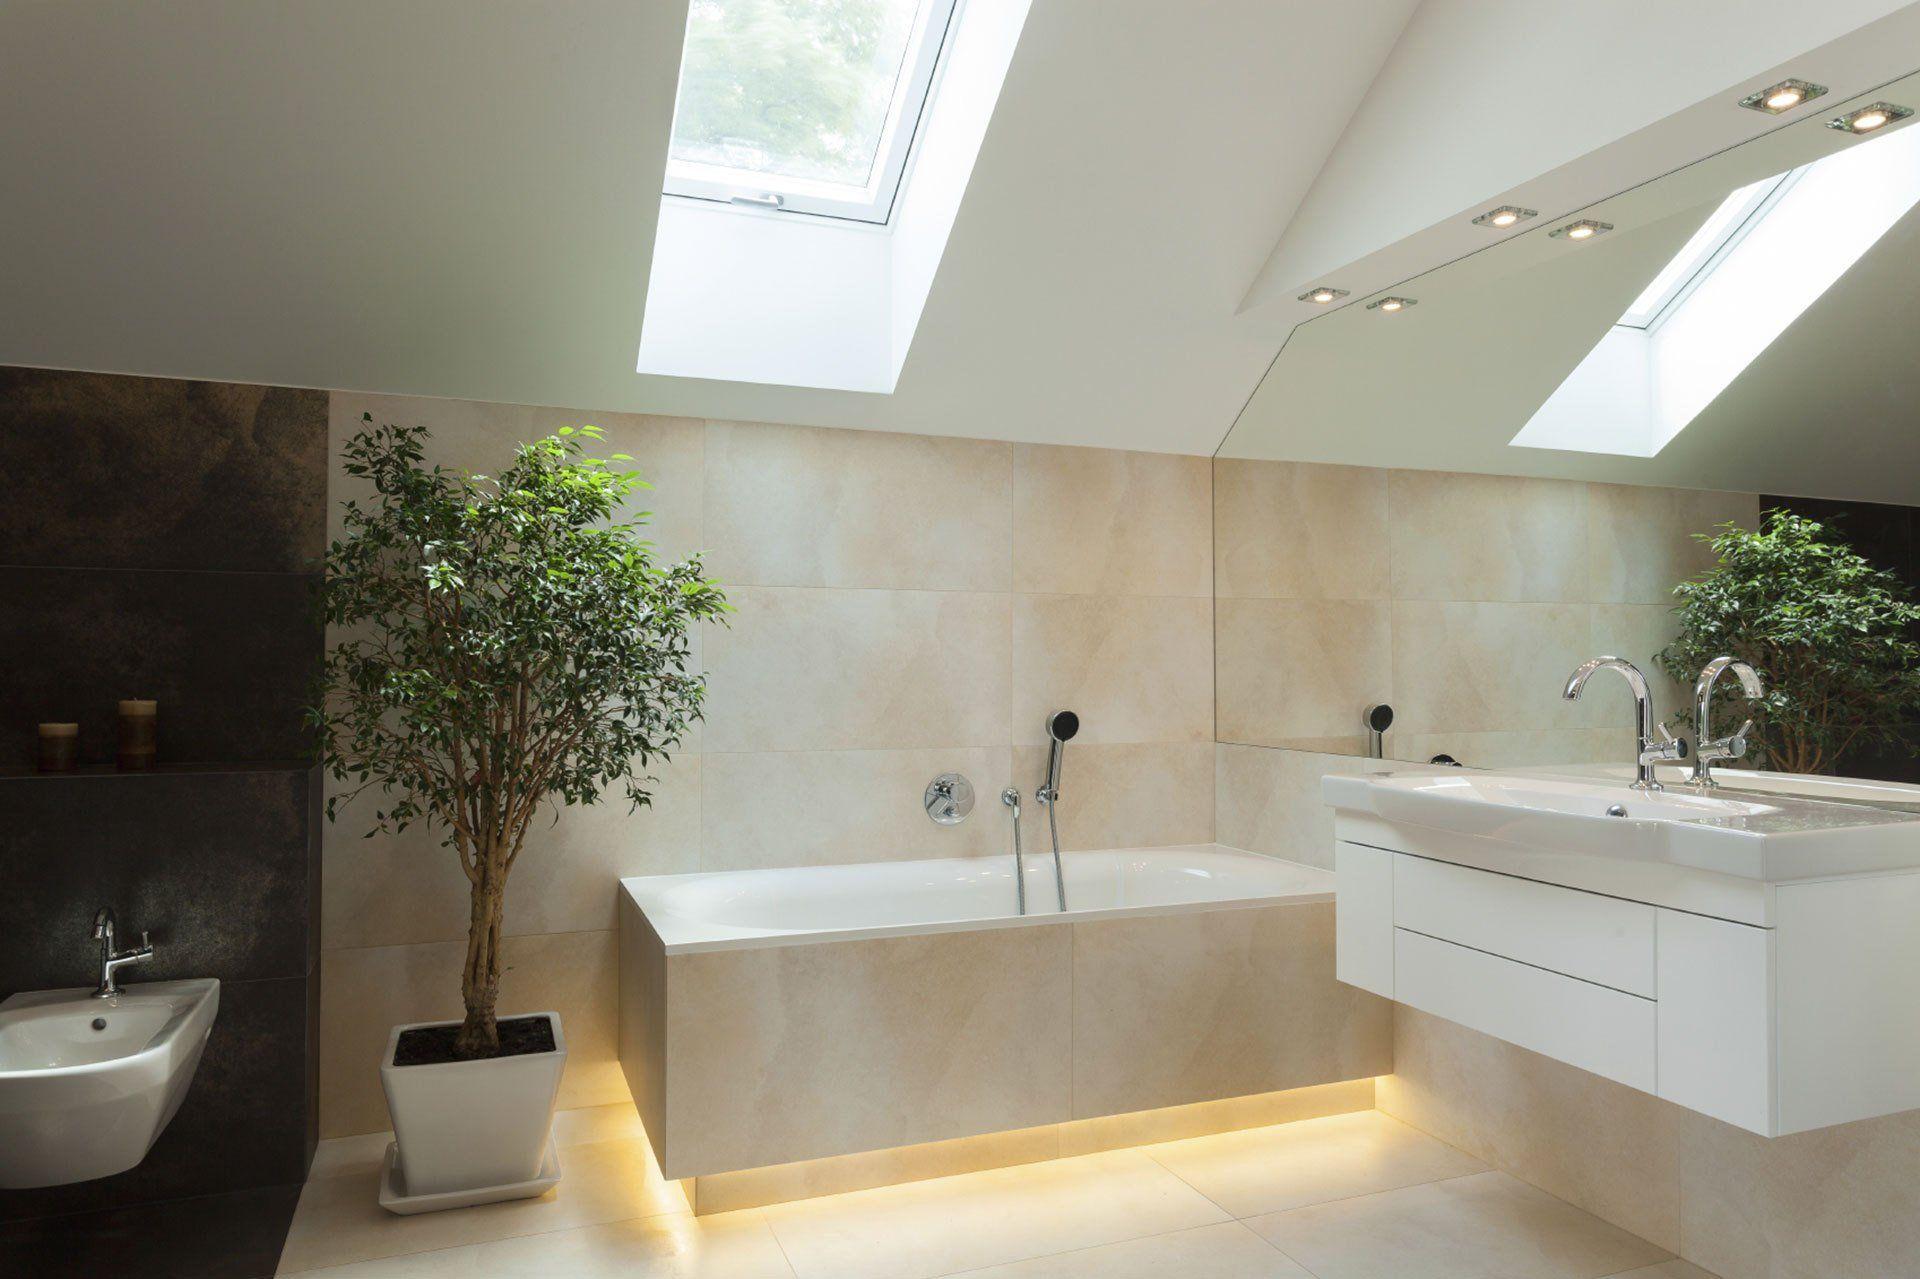 Finestra Bagno ~ Un bagno moderno illuminato da una finestra per tetti relax in